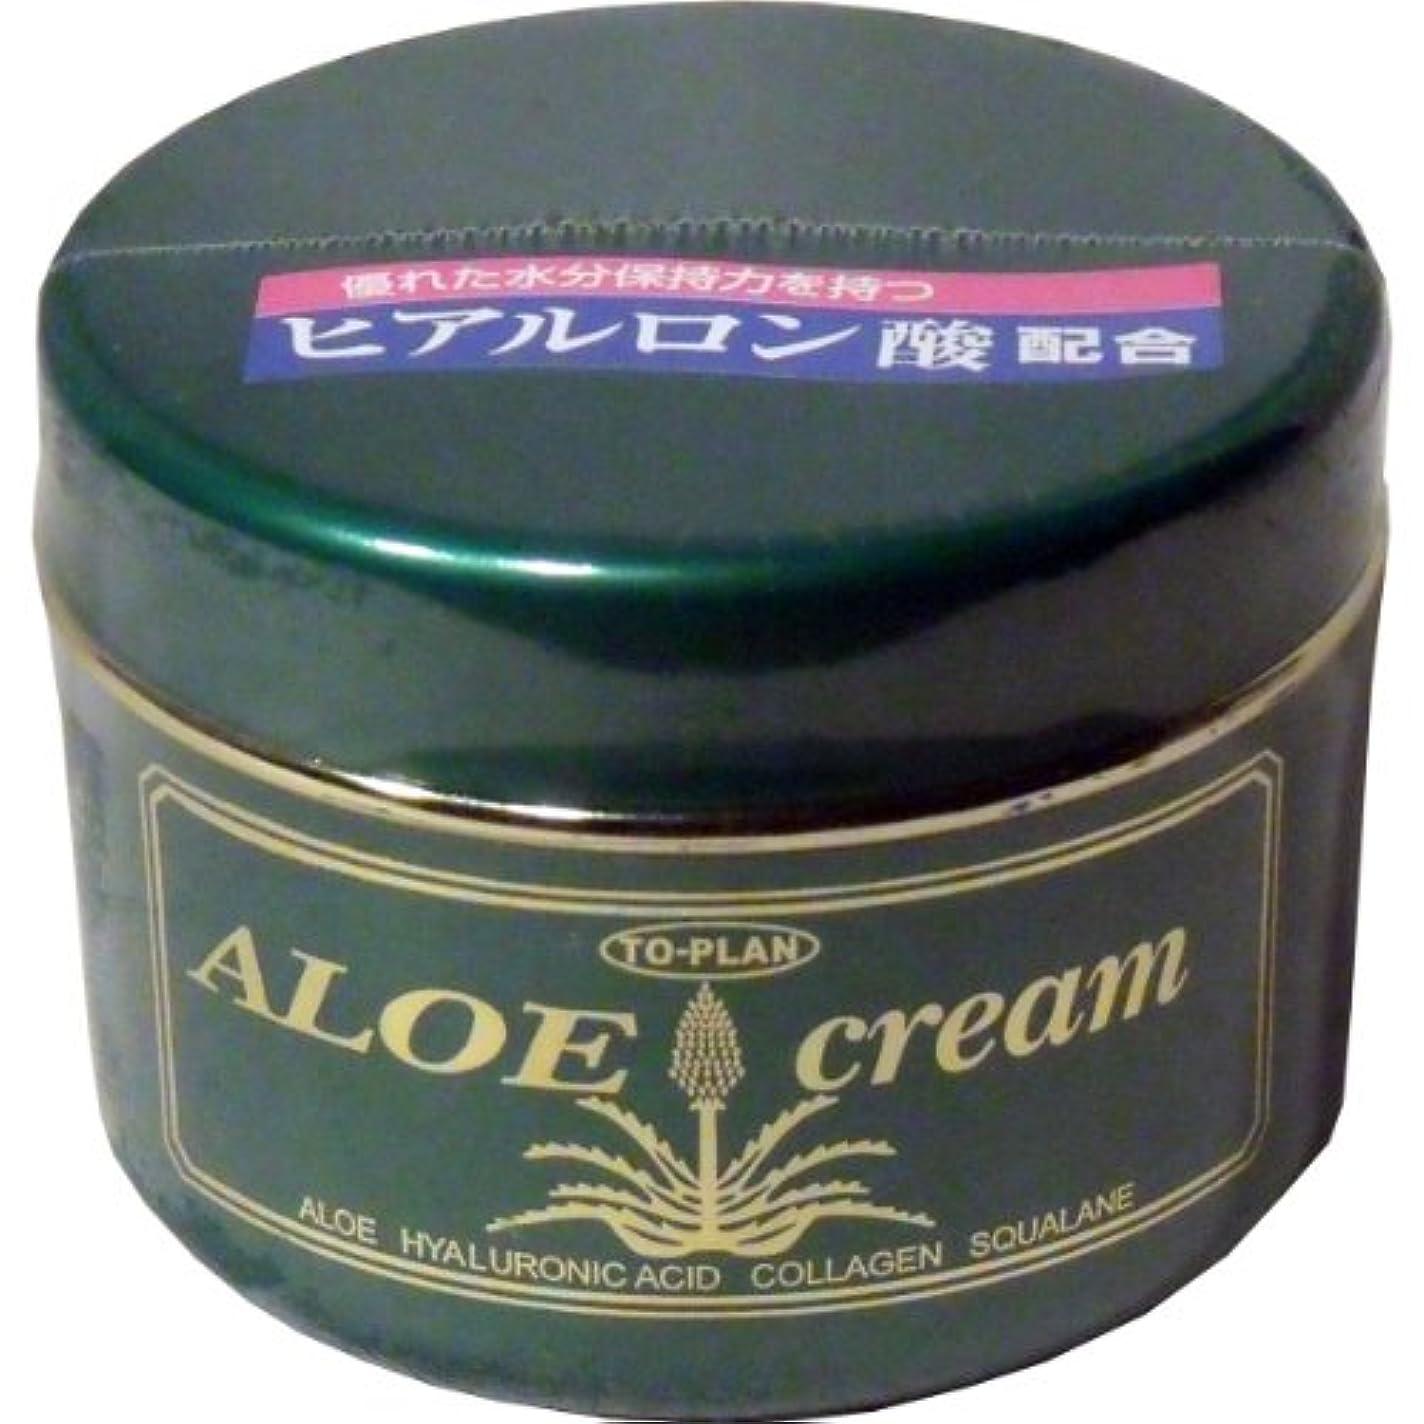 ヶ月目混合目覚めるトプラン ハーブフレッシュクリーム(アロエクリーム) ヒアルロン酸 170g